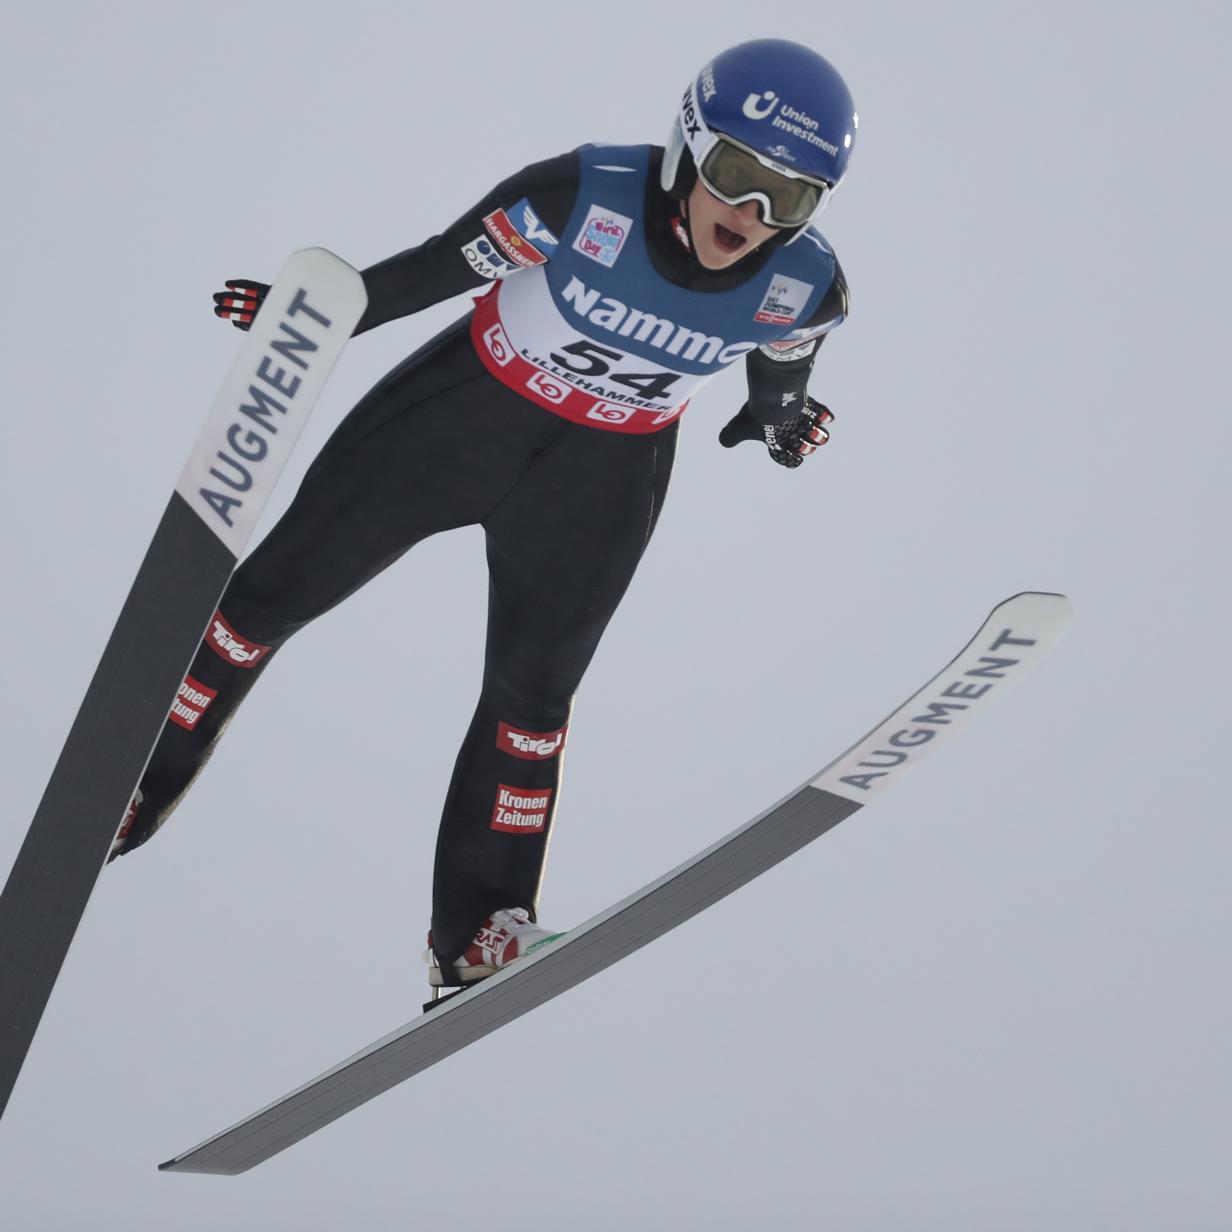 Rekordsieg: ÖSV-Springerinnen fliegen der Konkurrenz davon